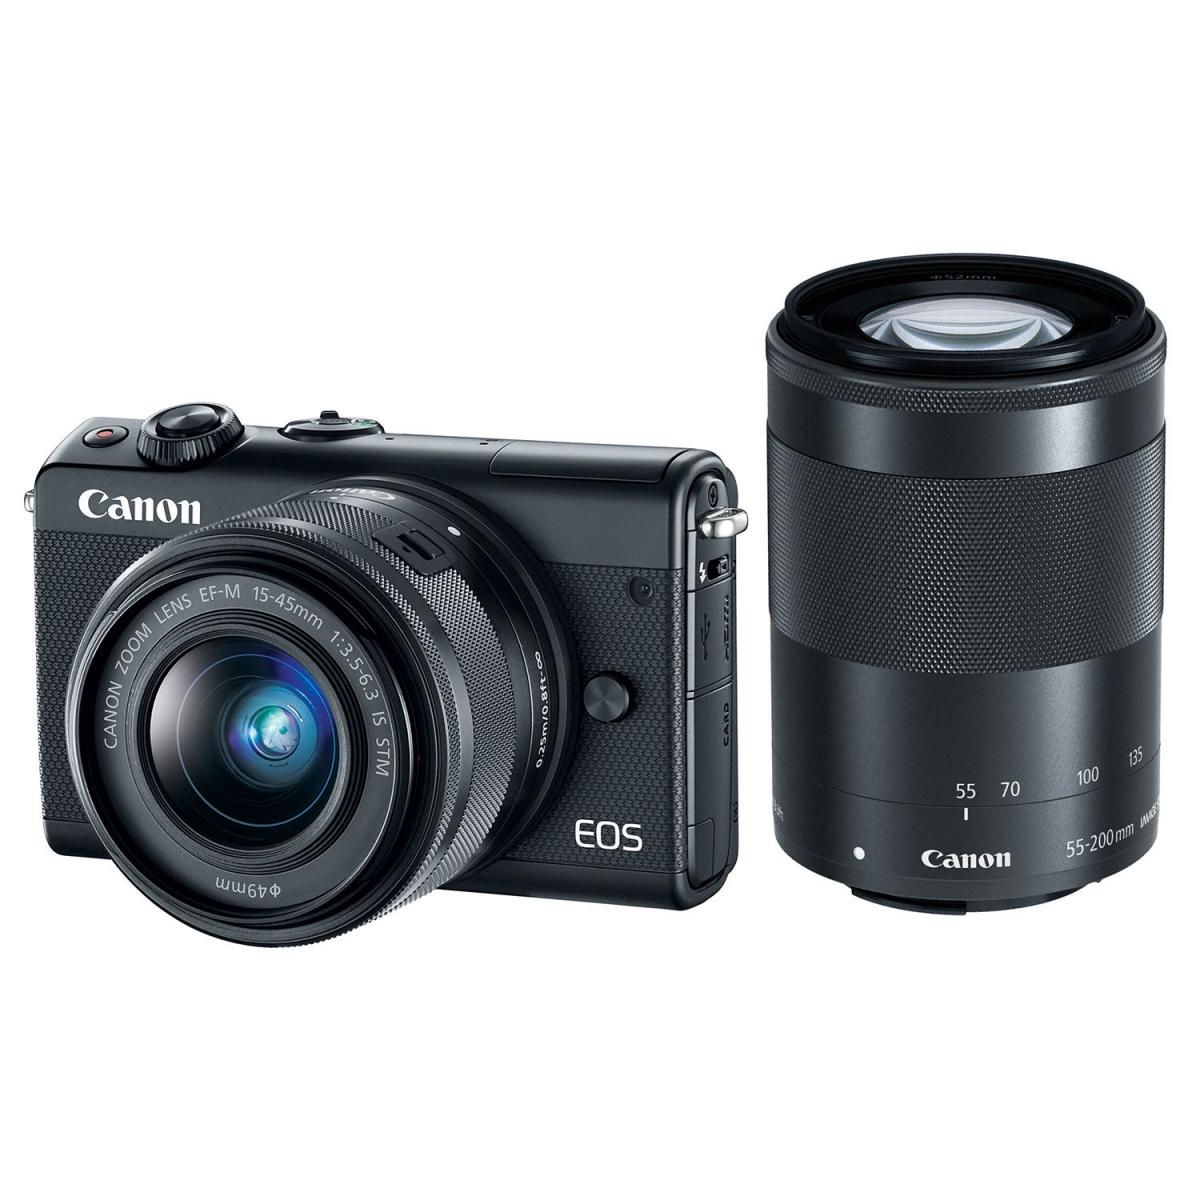 ციფრული ფოტოაპარატი CANON EOS M100 15-45MM IS